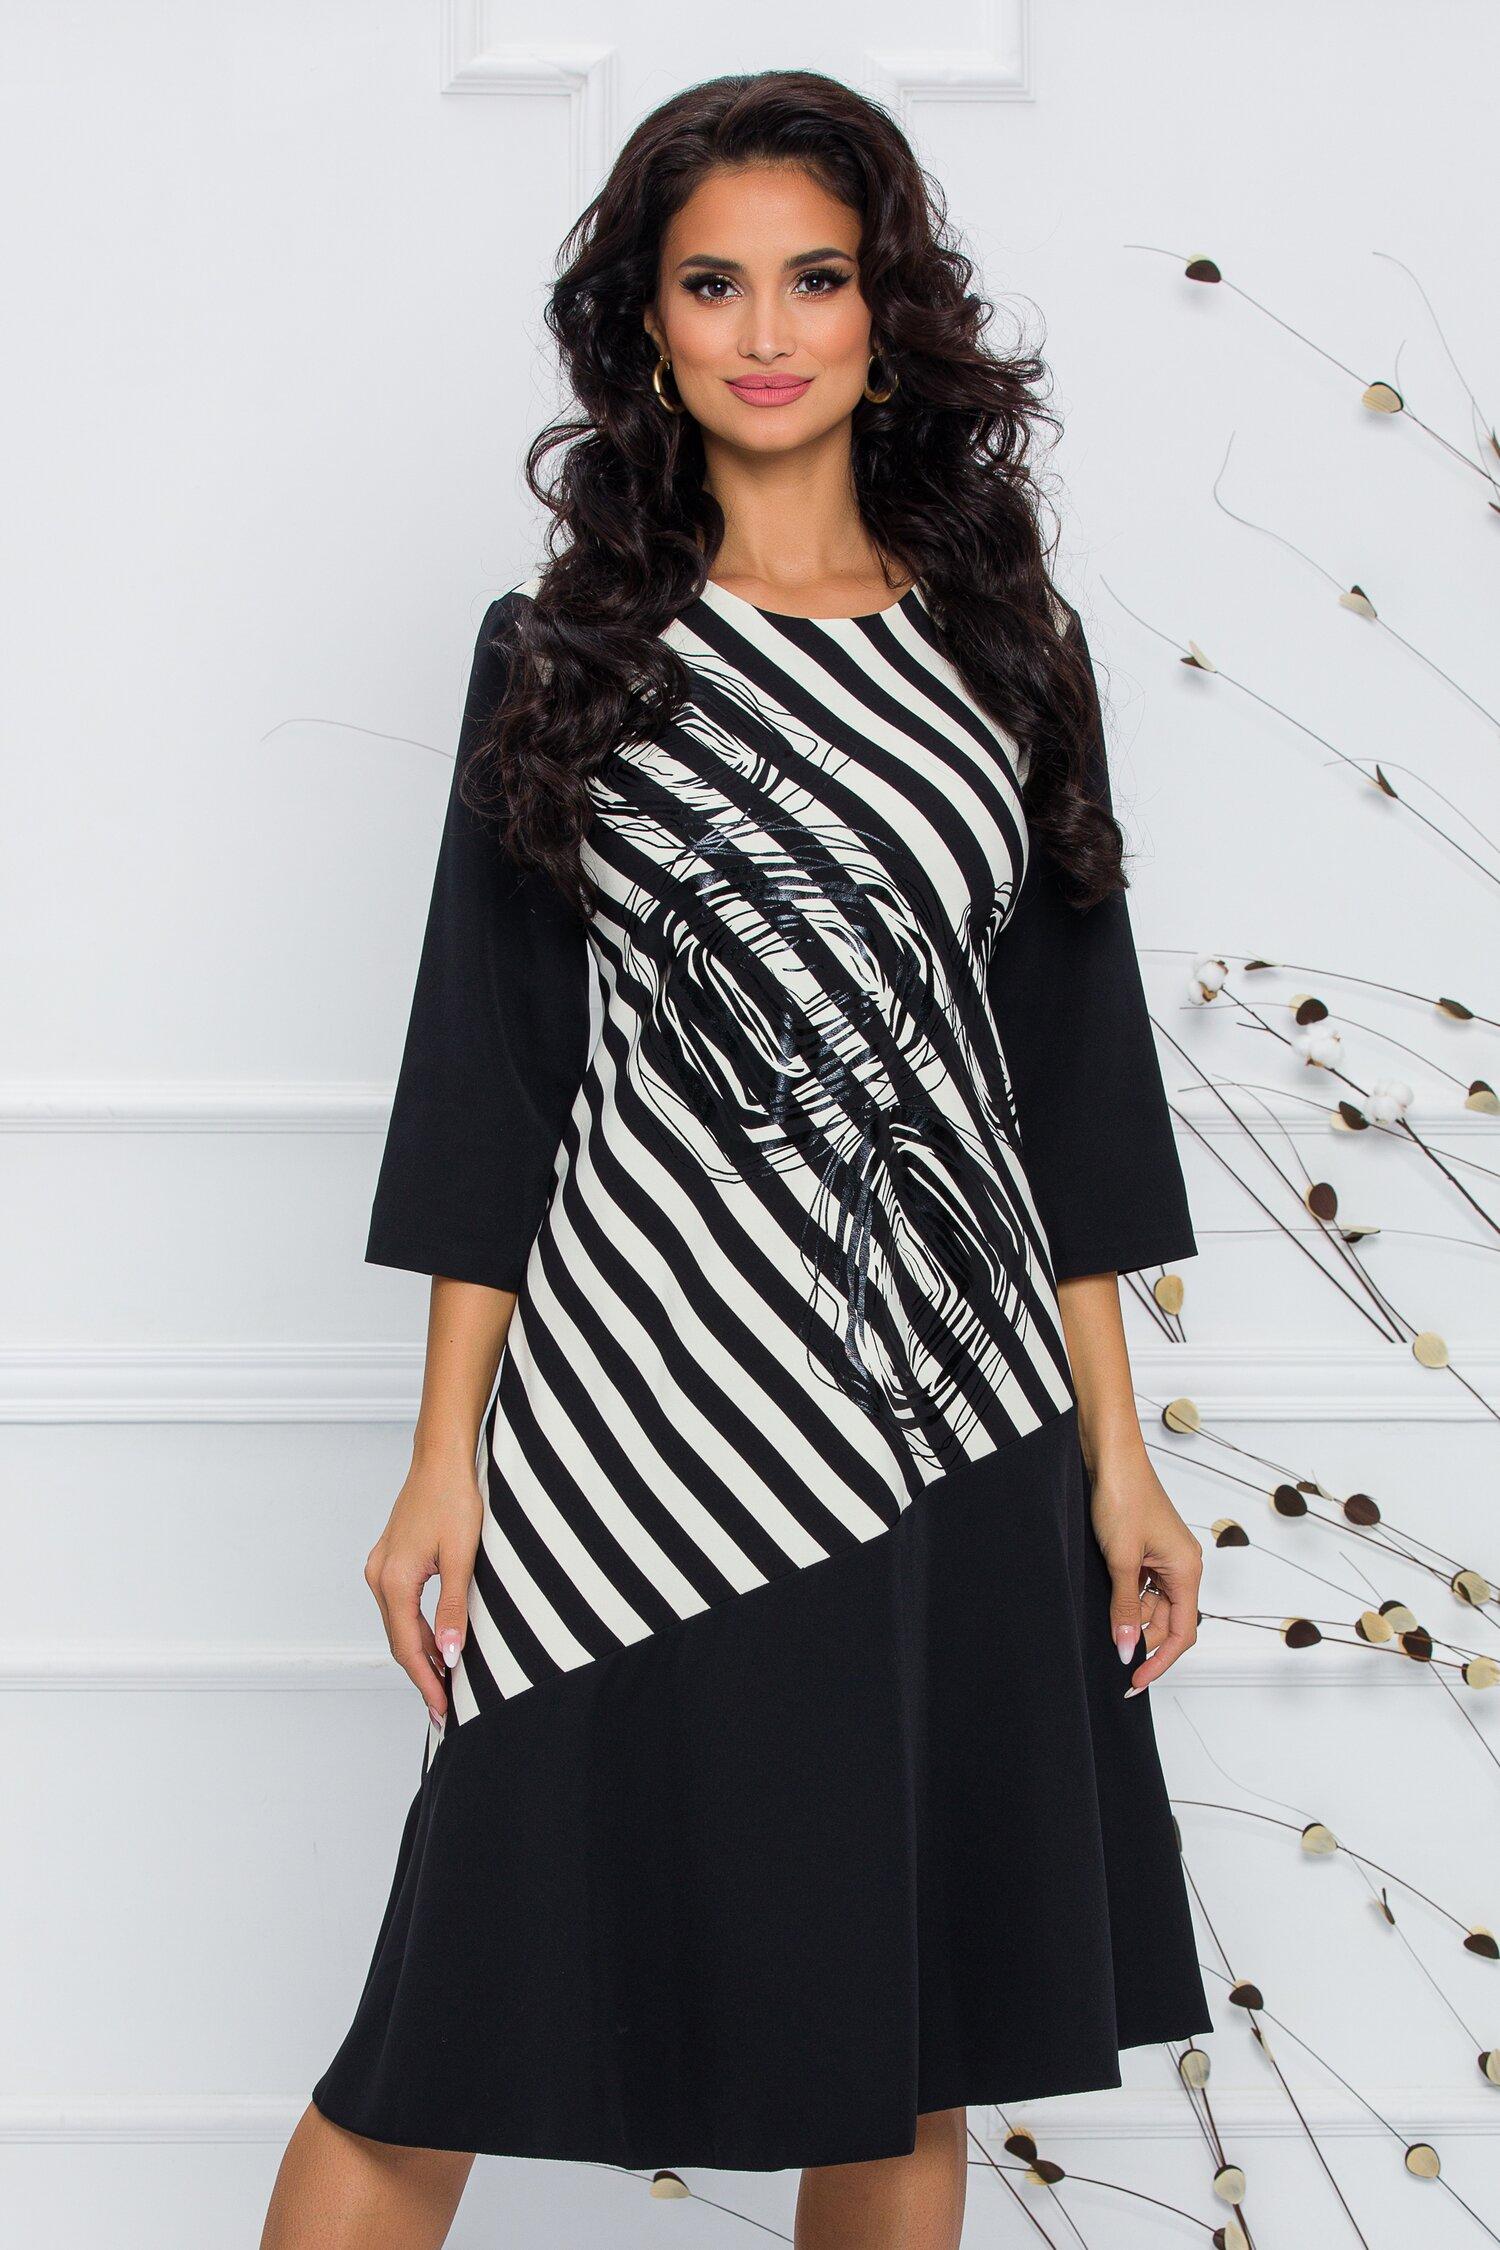 Rochie Nala neagra cu imprimeu in dungi alb-negre si insertii florale